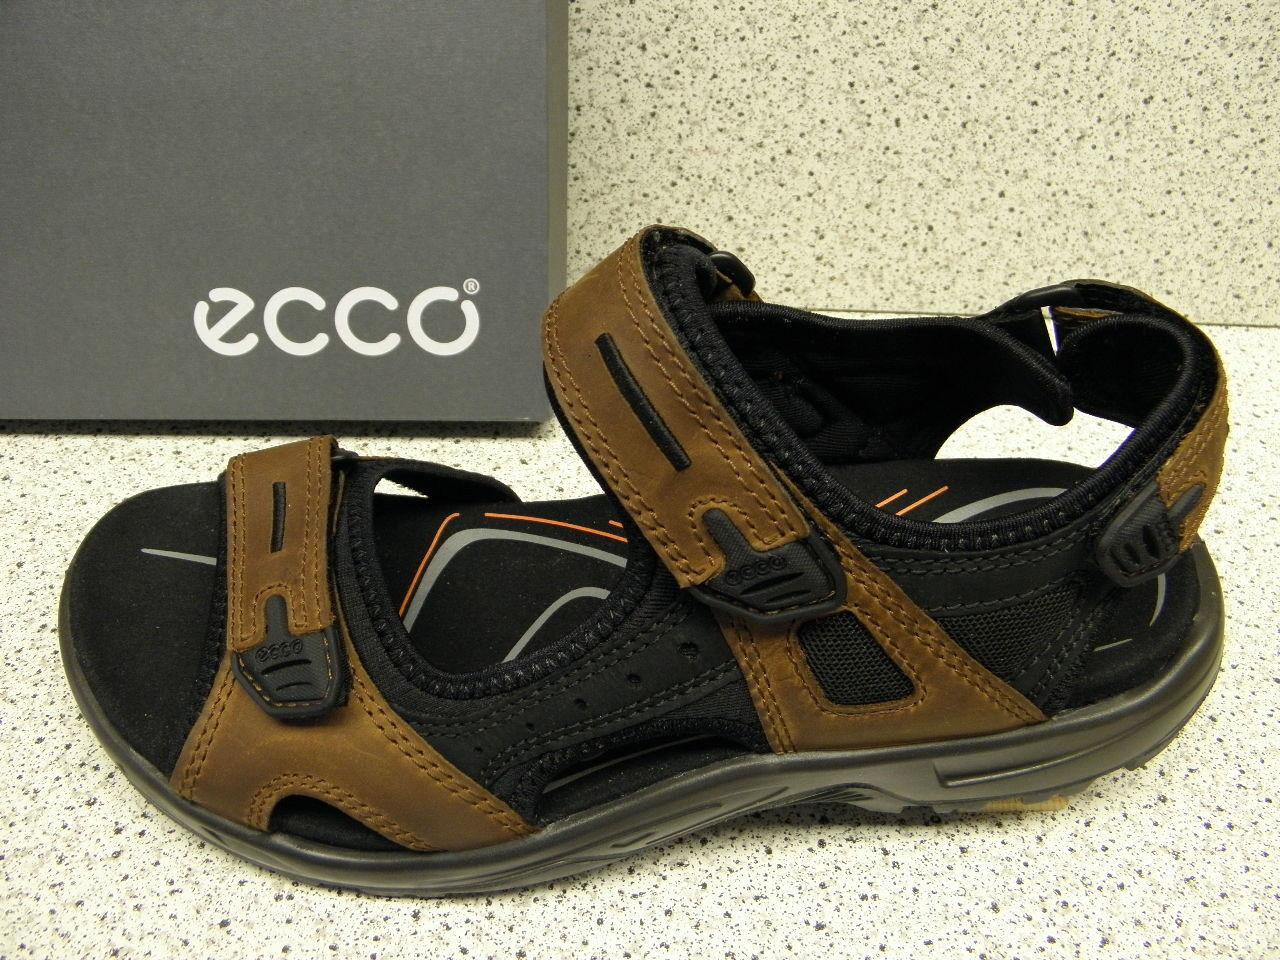 Ecco ® hasta ahora  sale Yucatan todoterreno gratis premium-calcetines (e8)